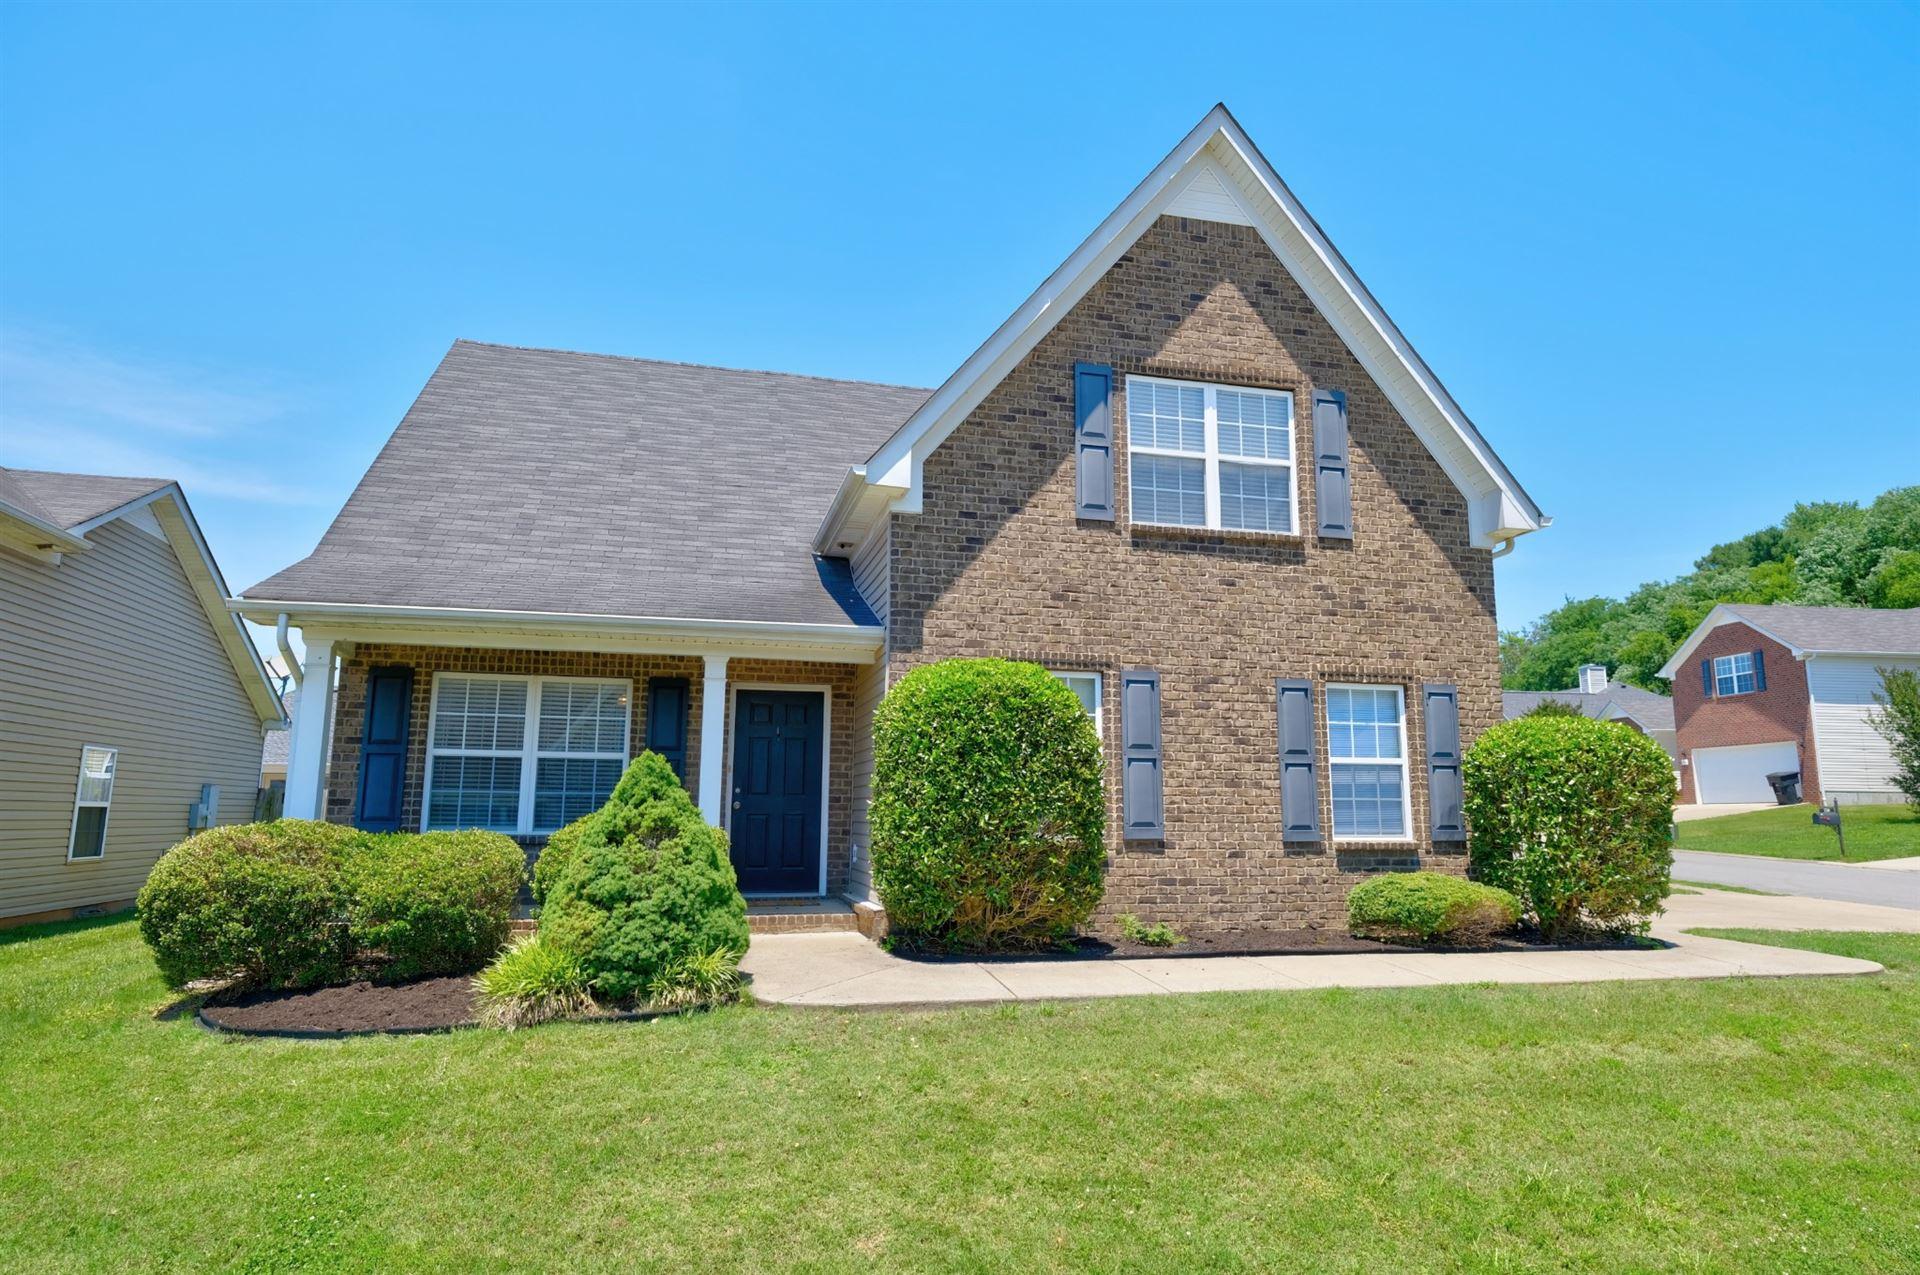 3704 Shoteka Dr, Murfreesboro, TN 37128 - MLS#: 2262694